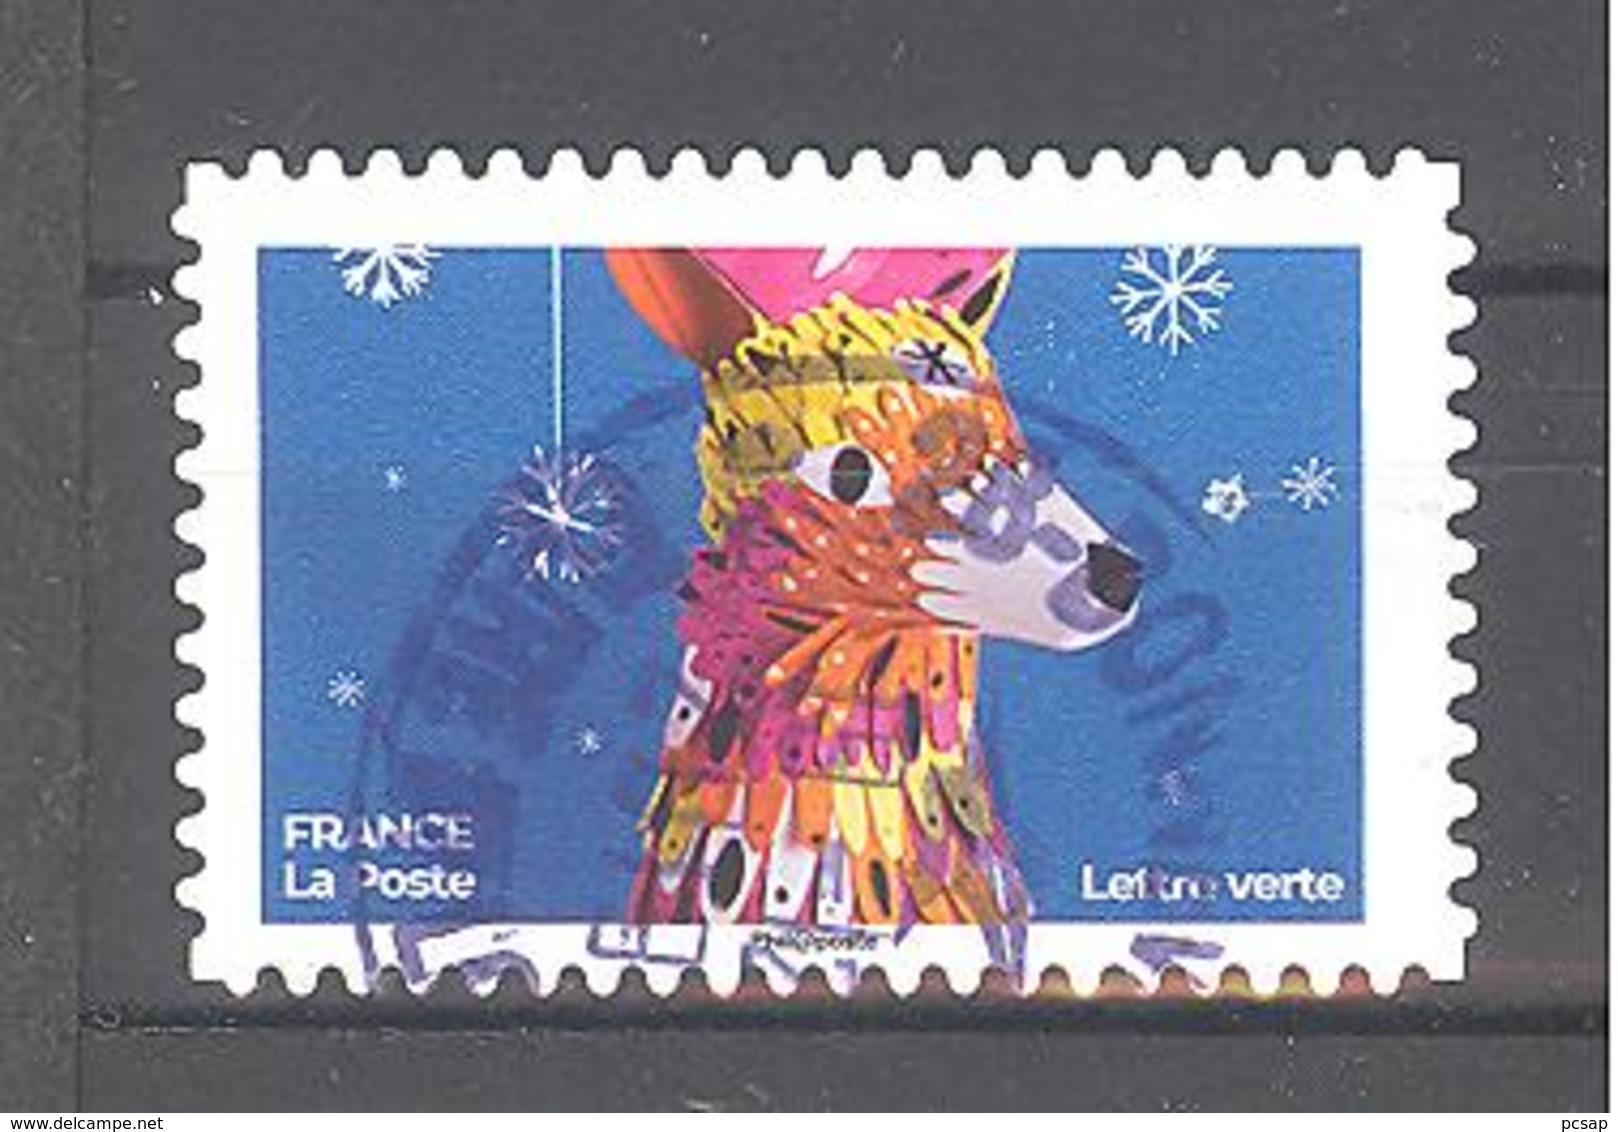 France Autoadhésif Oblitéré (Mon Fantastique Carnet De Timbres N°9) (cachet Rond) - Used Stamps